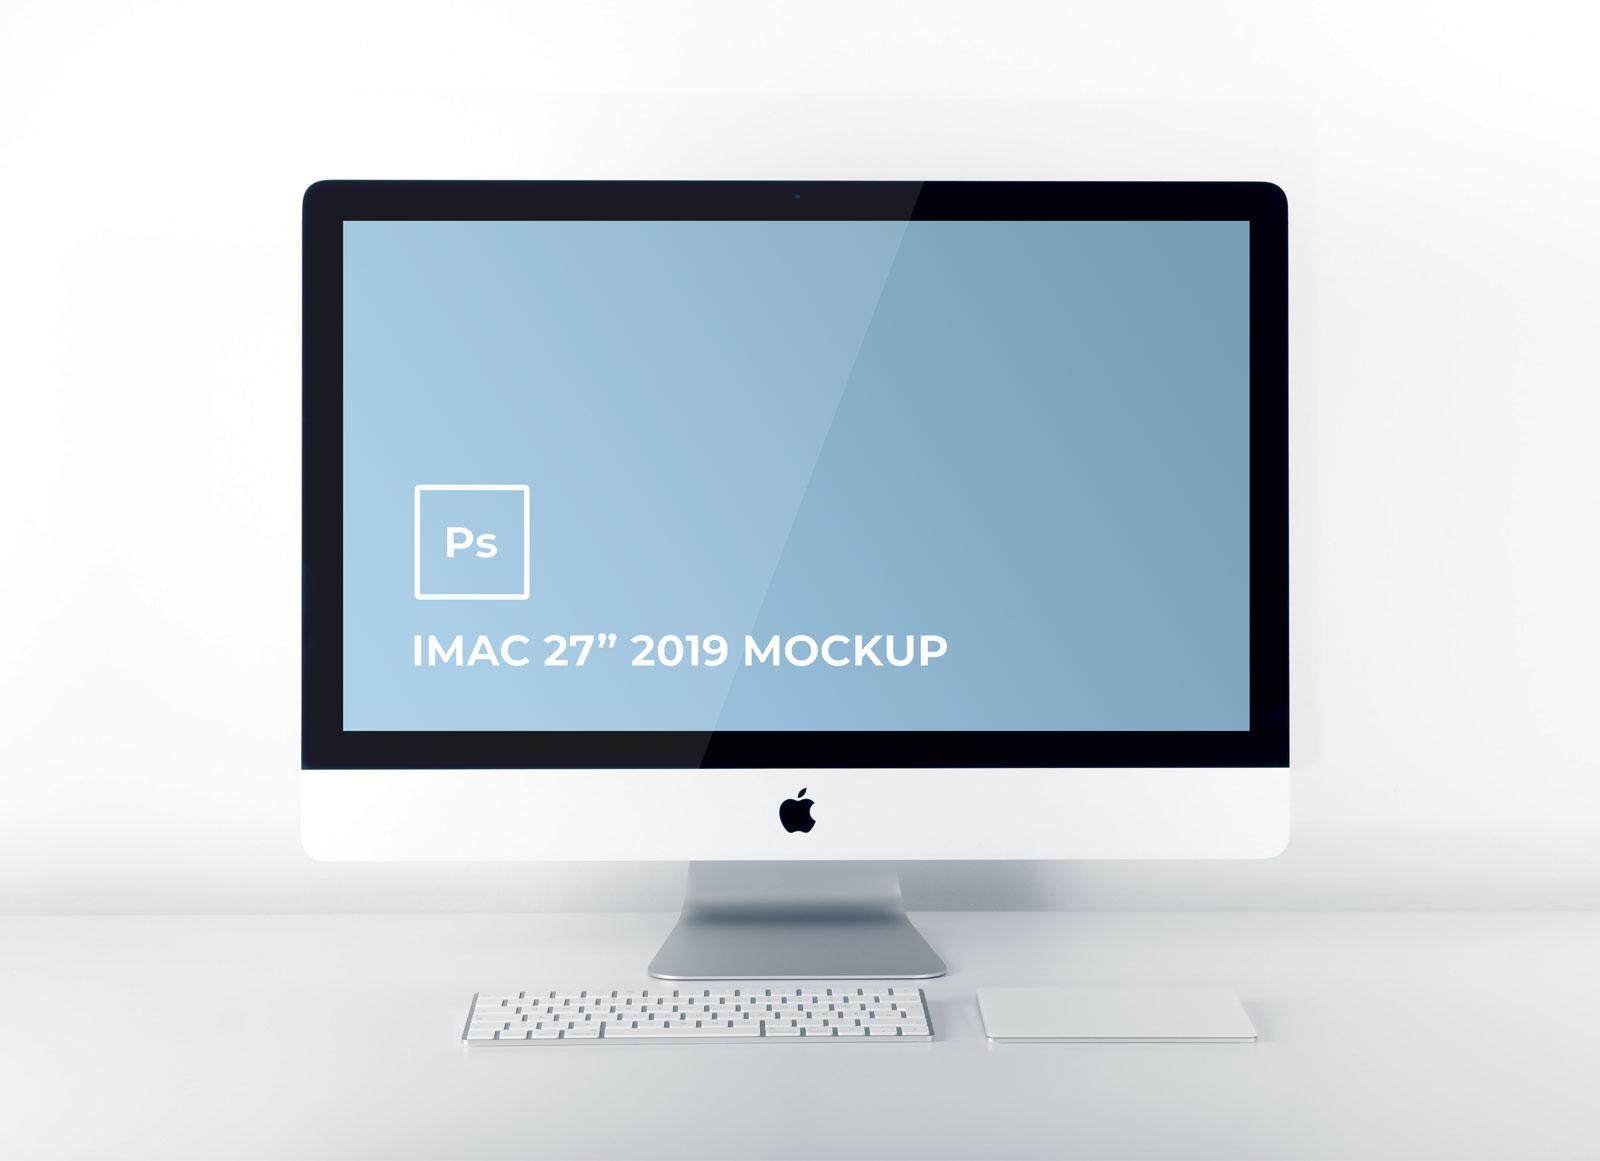 Free-iMac-27-Inches-Monitor-2019-Mockup-PSD